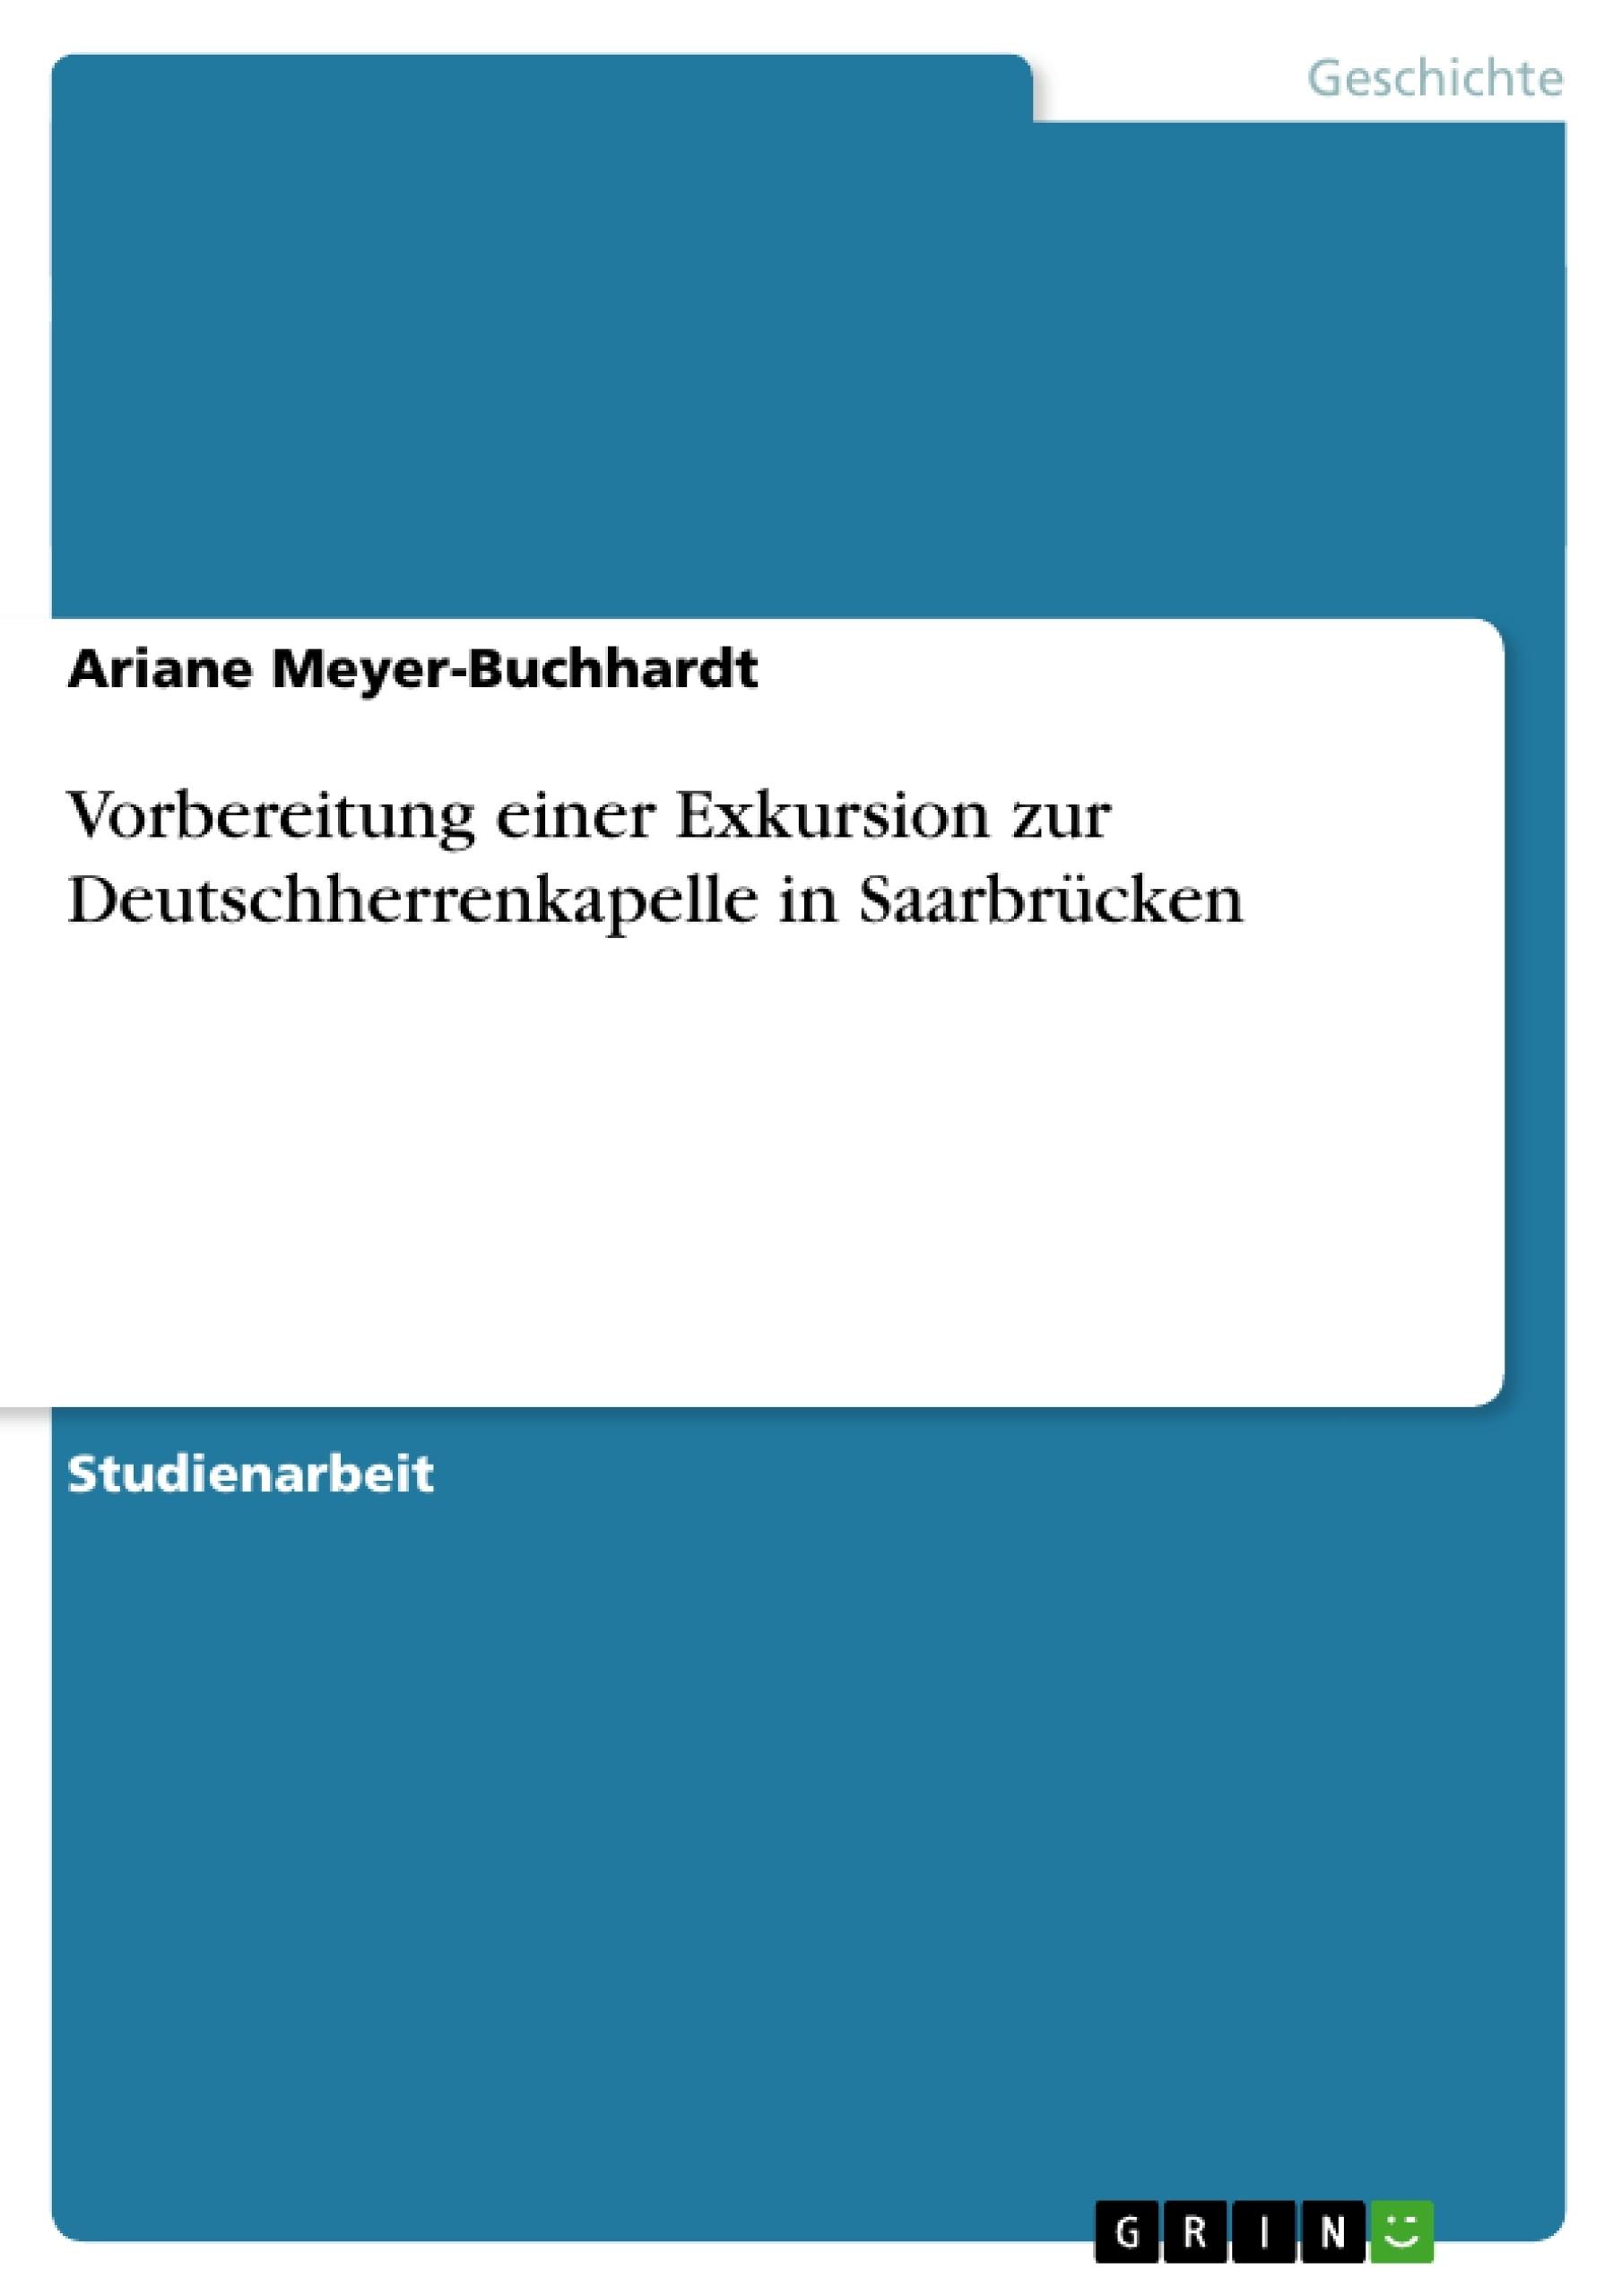 Titel: Vorbereitung einer Exkursion zur Deutschherrenkapelle in Saarbrücken